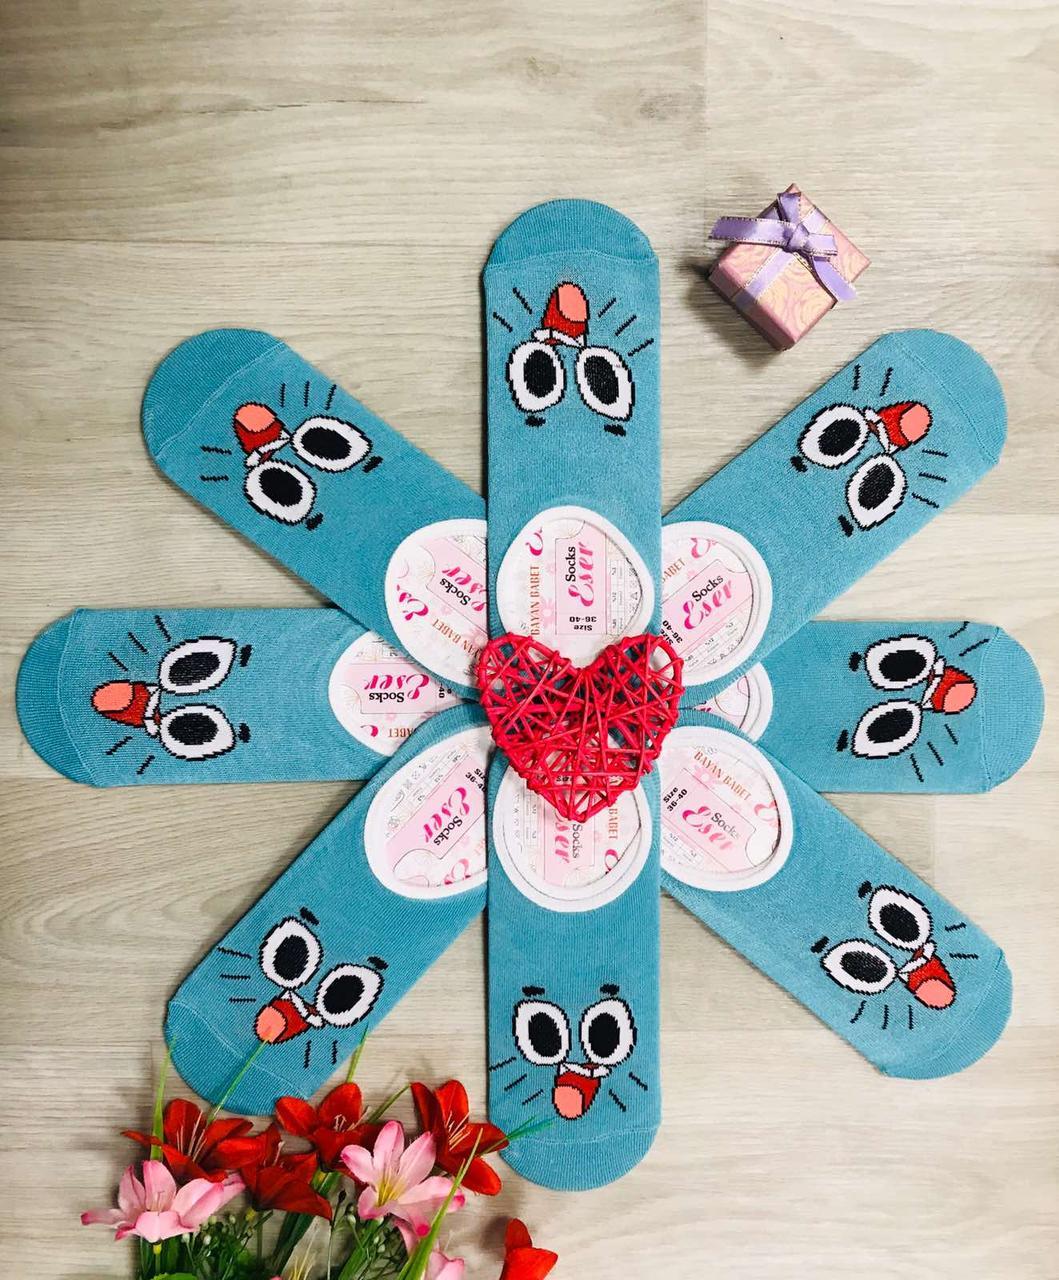 Следы - подследники демисезонные хлопок Happy Socks Турция размер 36-40